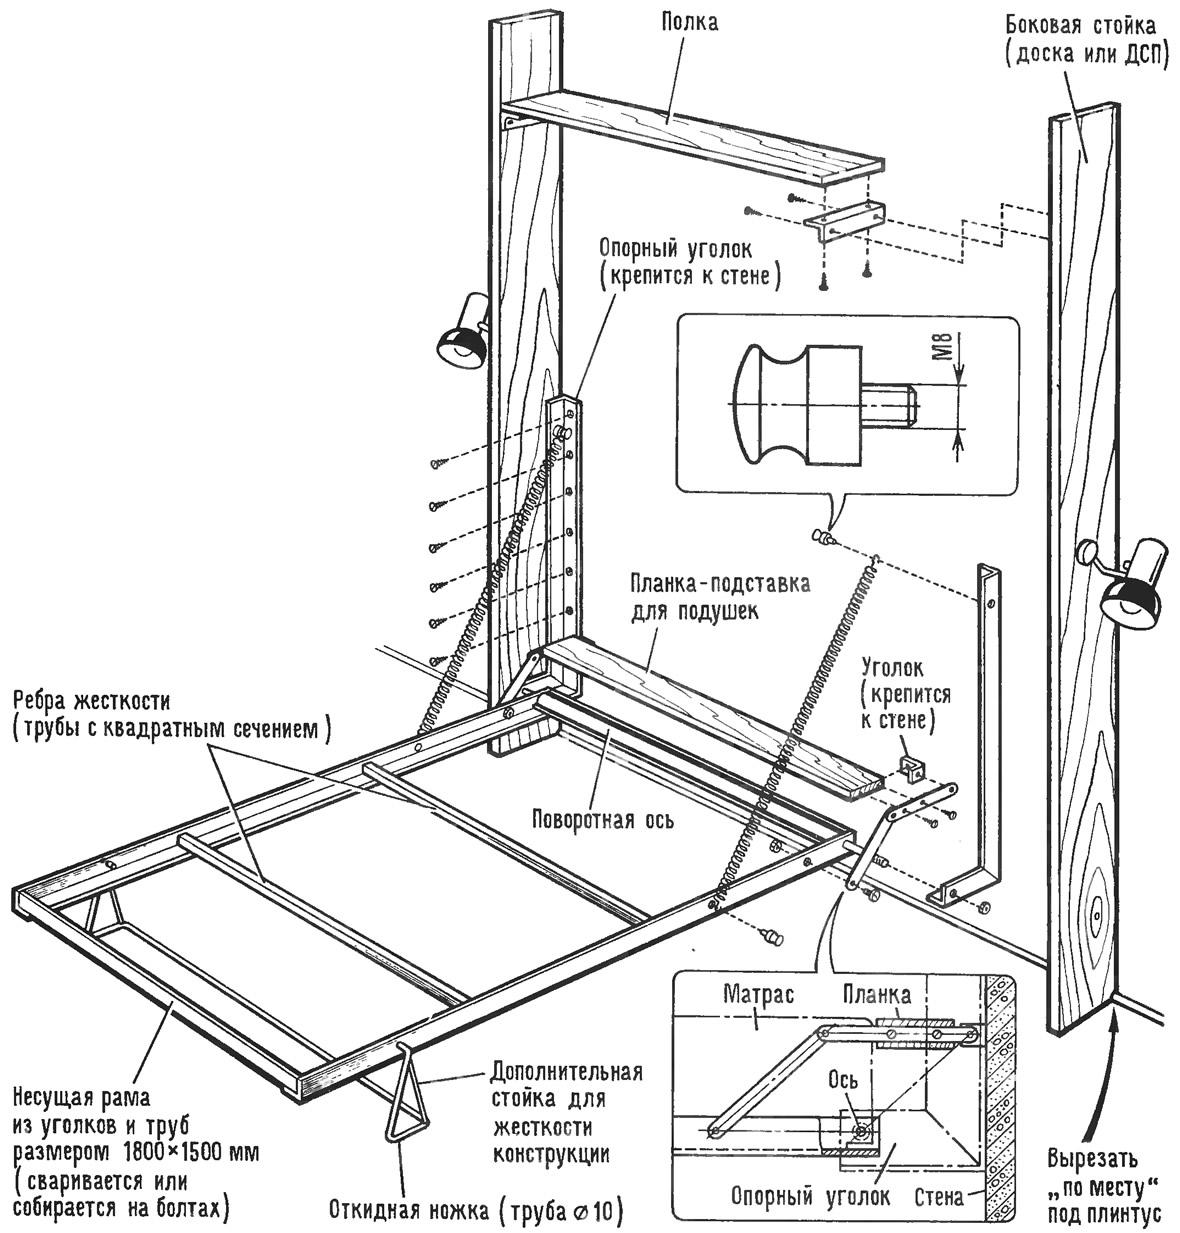 Стол трансформер своими руками 300 фото, чертежи, инструкции 39